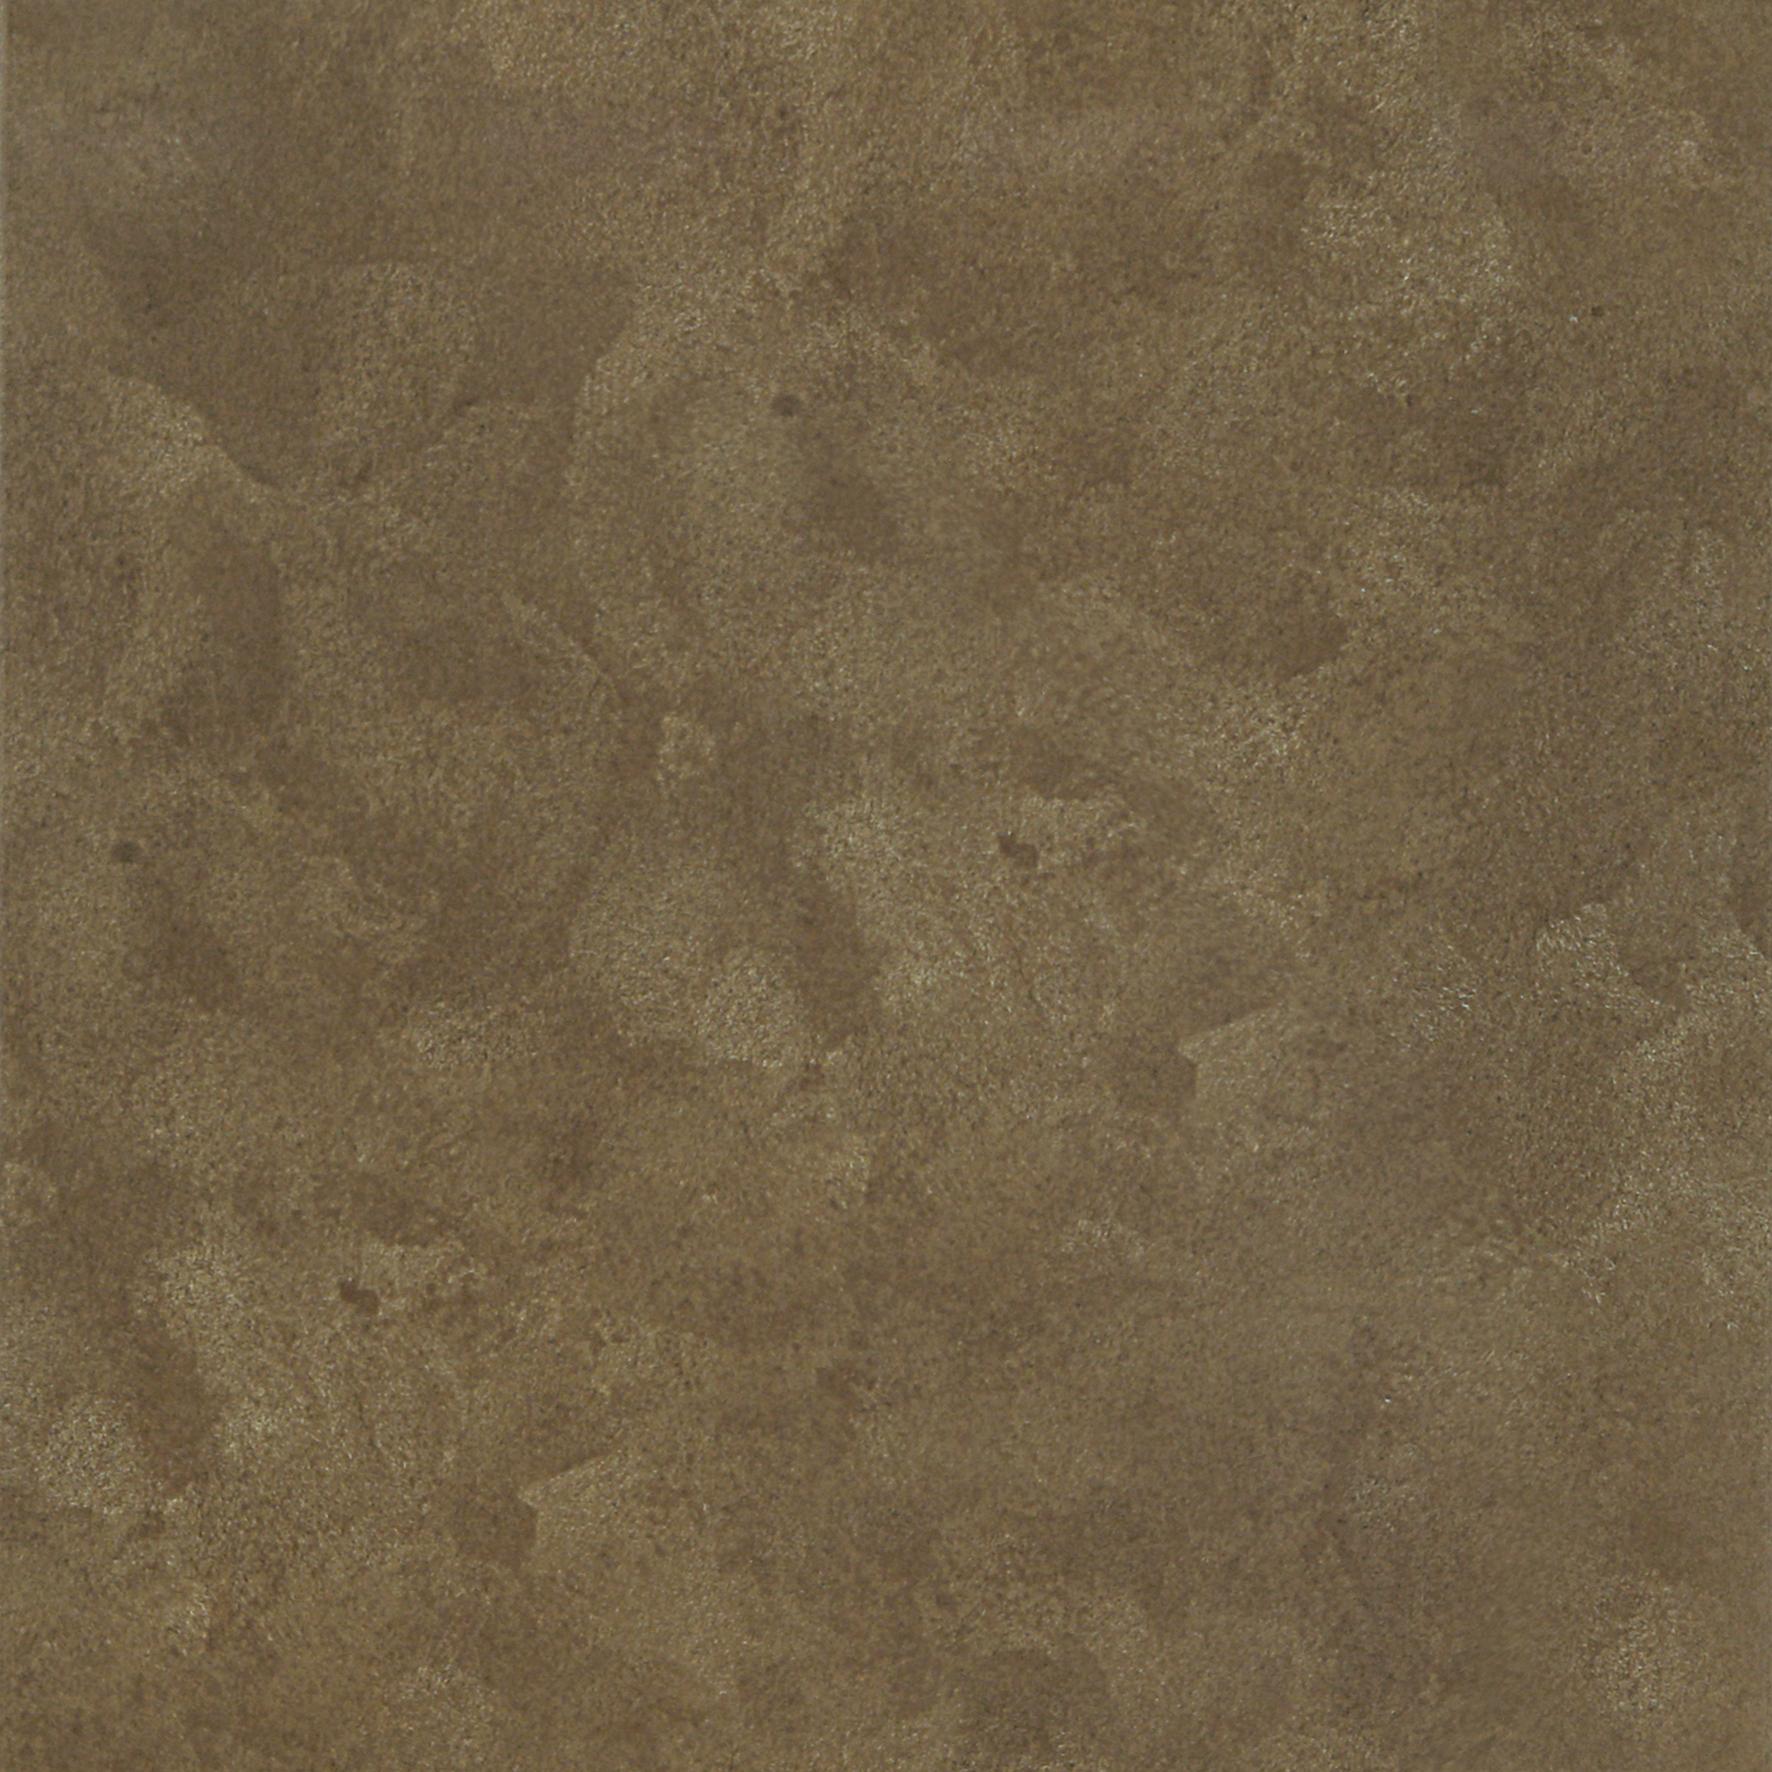 Patchwork brown Керамогранит 02 45х45 керамогранит 45х45 privilege miele lappato светло ко